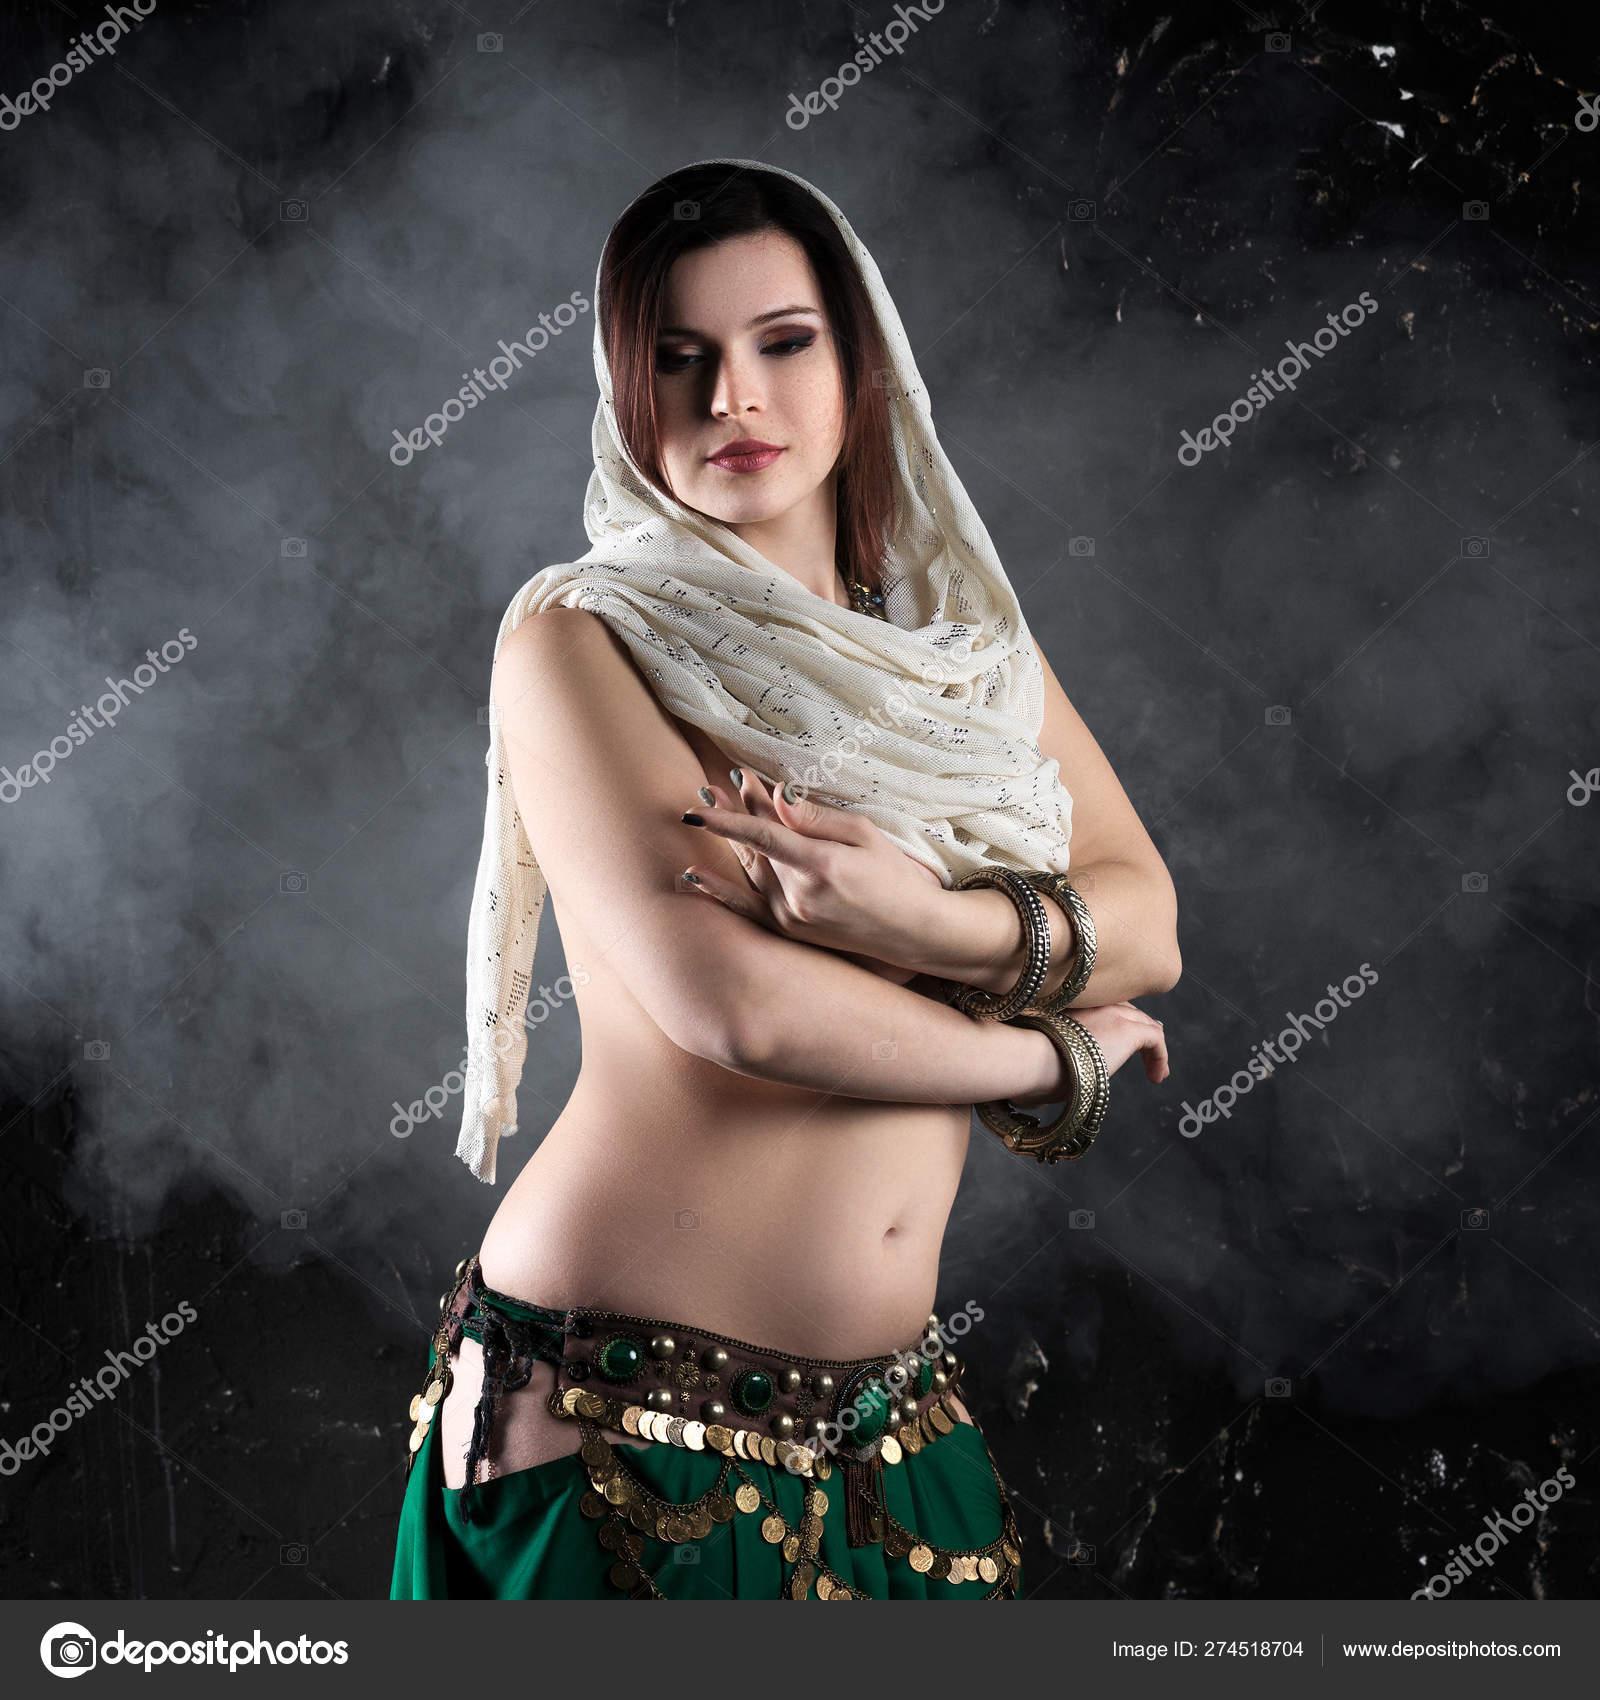 Sexy ethnic women pic